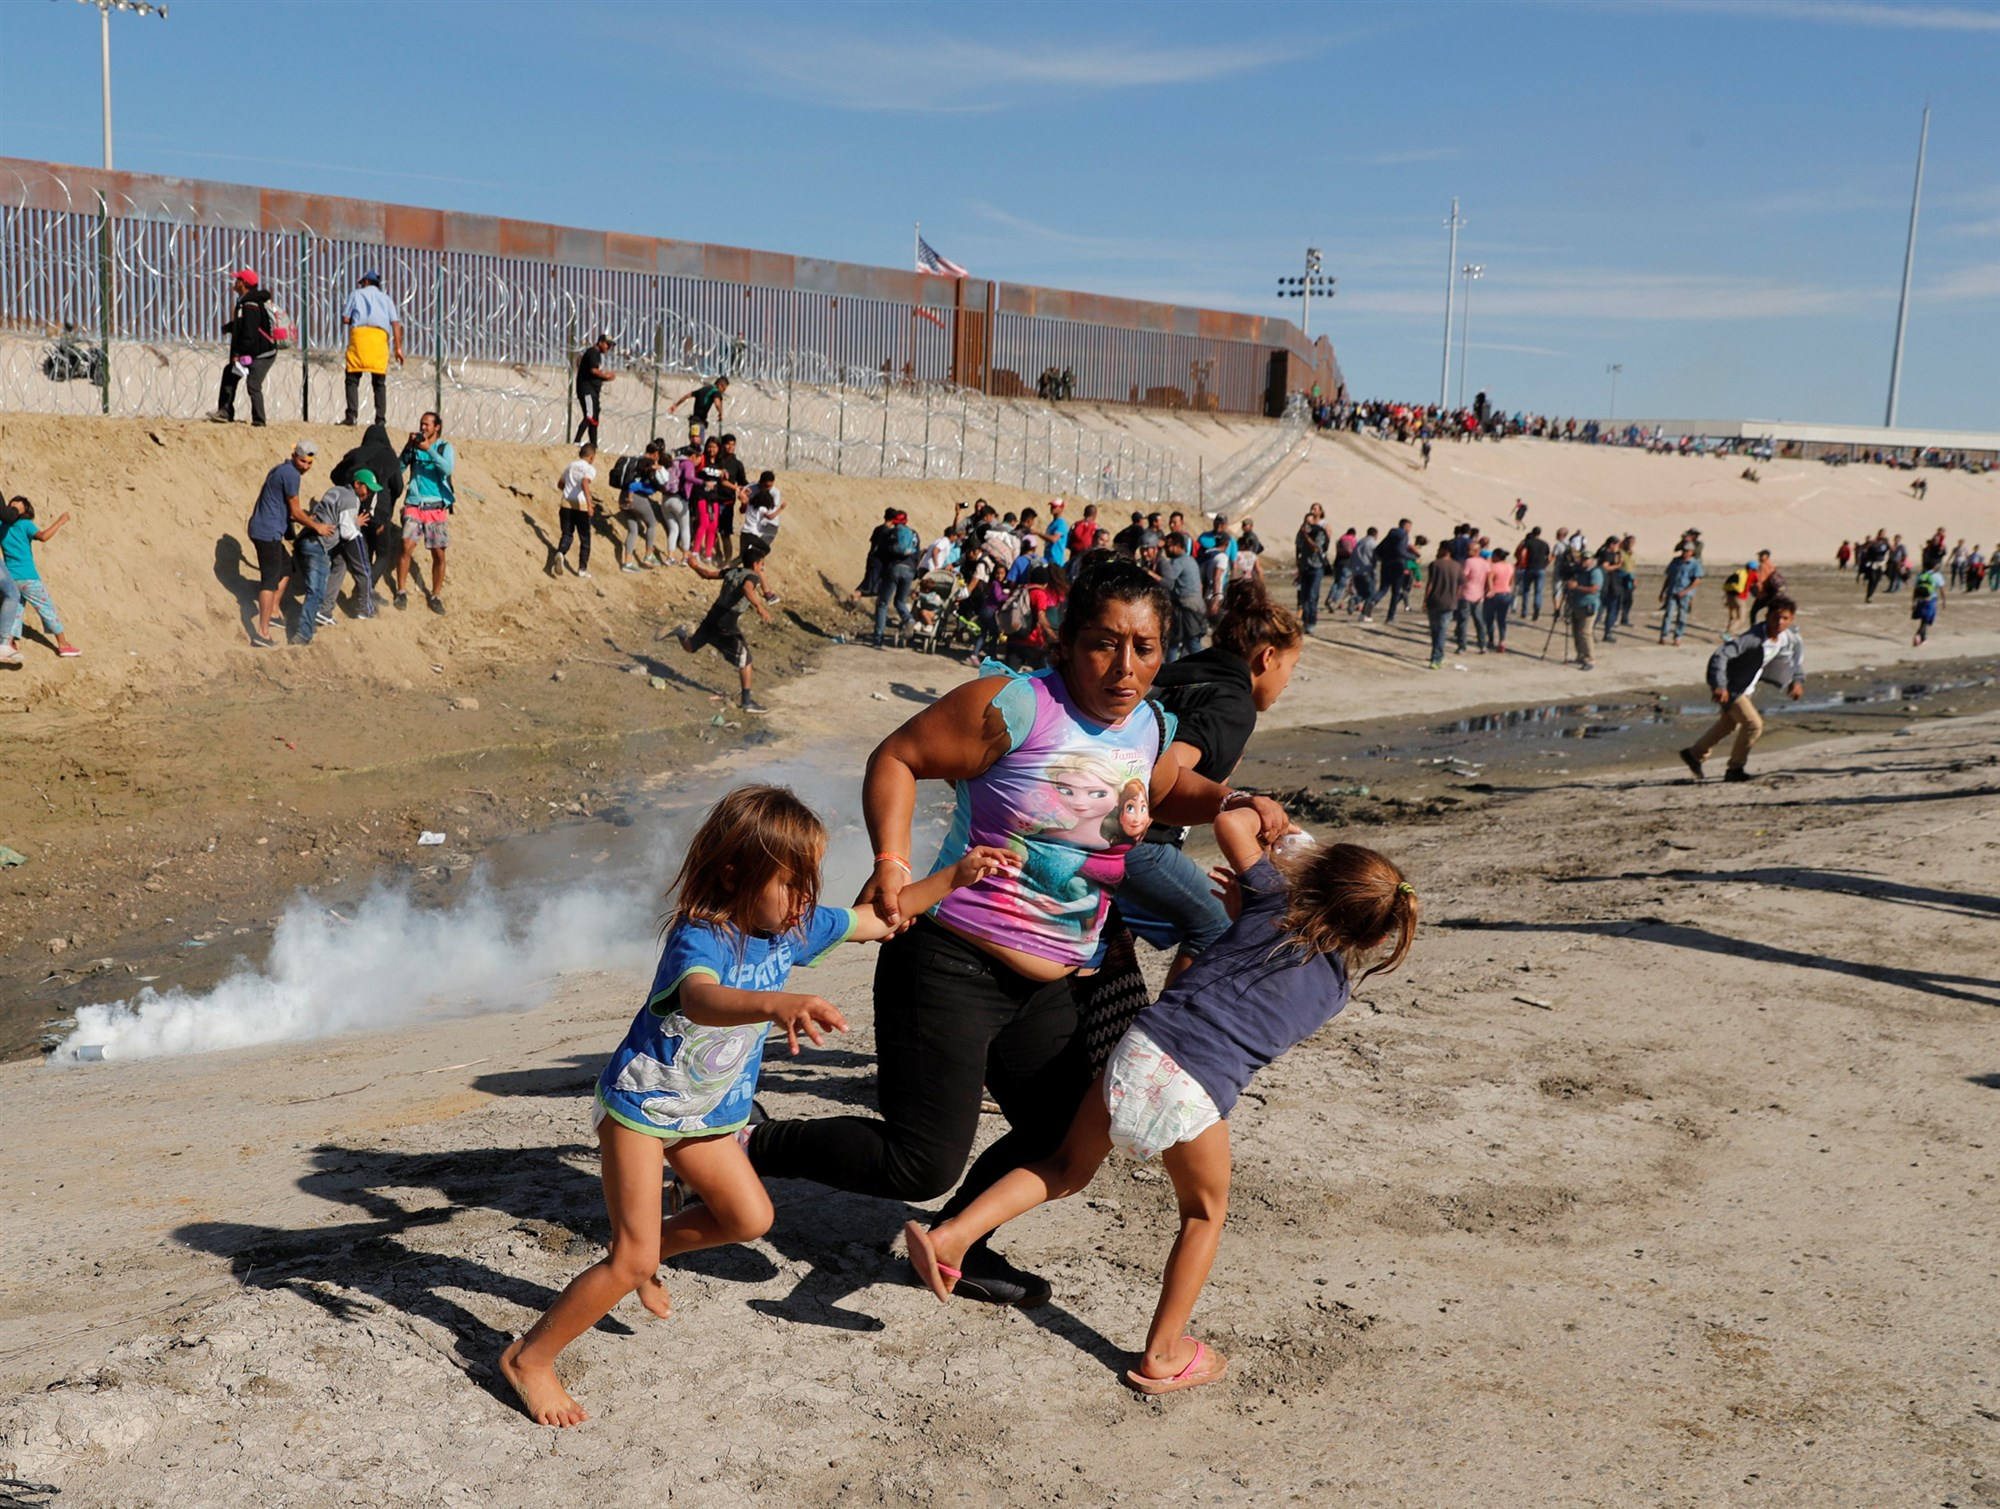 Kim Kyung-Hoon, fotgrafo de Reuters, tom este domingo una foto de Mara Lila Meza Castro, una madre hondurea, y sus dos hijas.